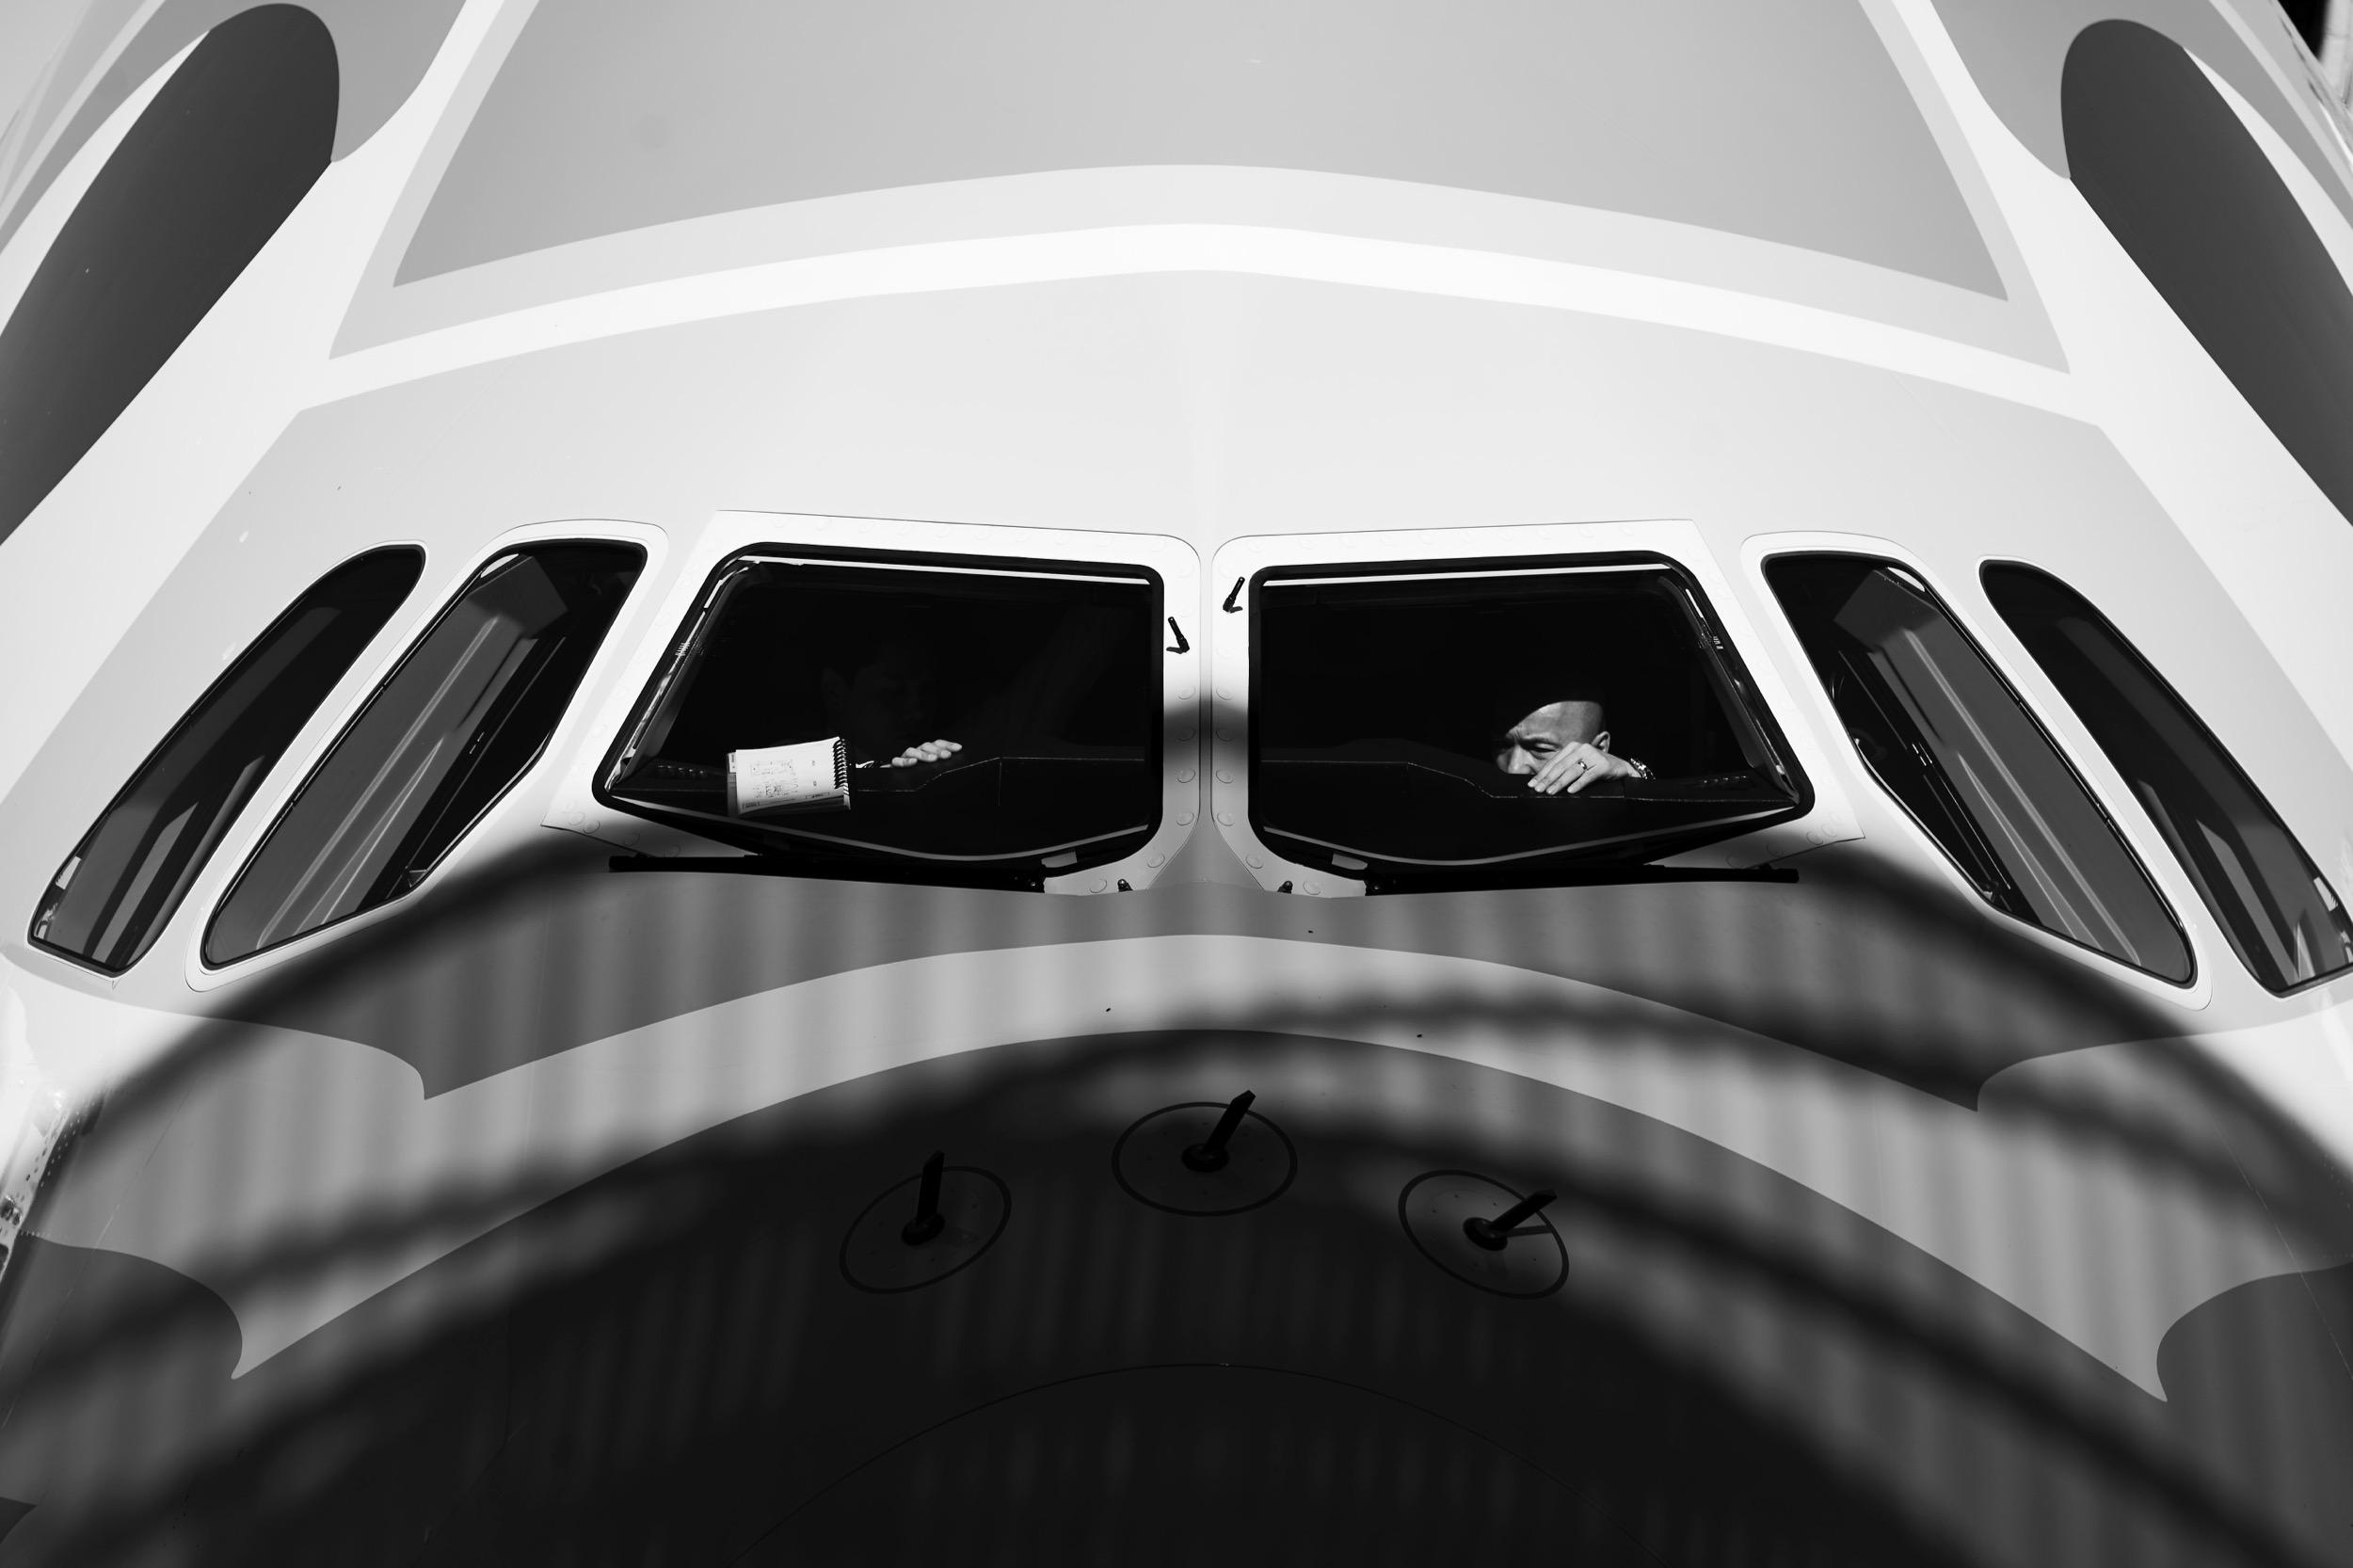 airbus-ANA-A380-taxi-black-white.jpg